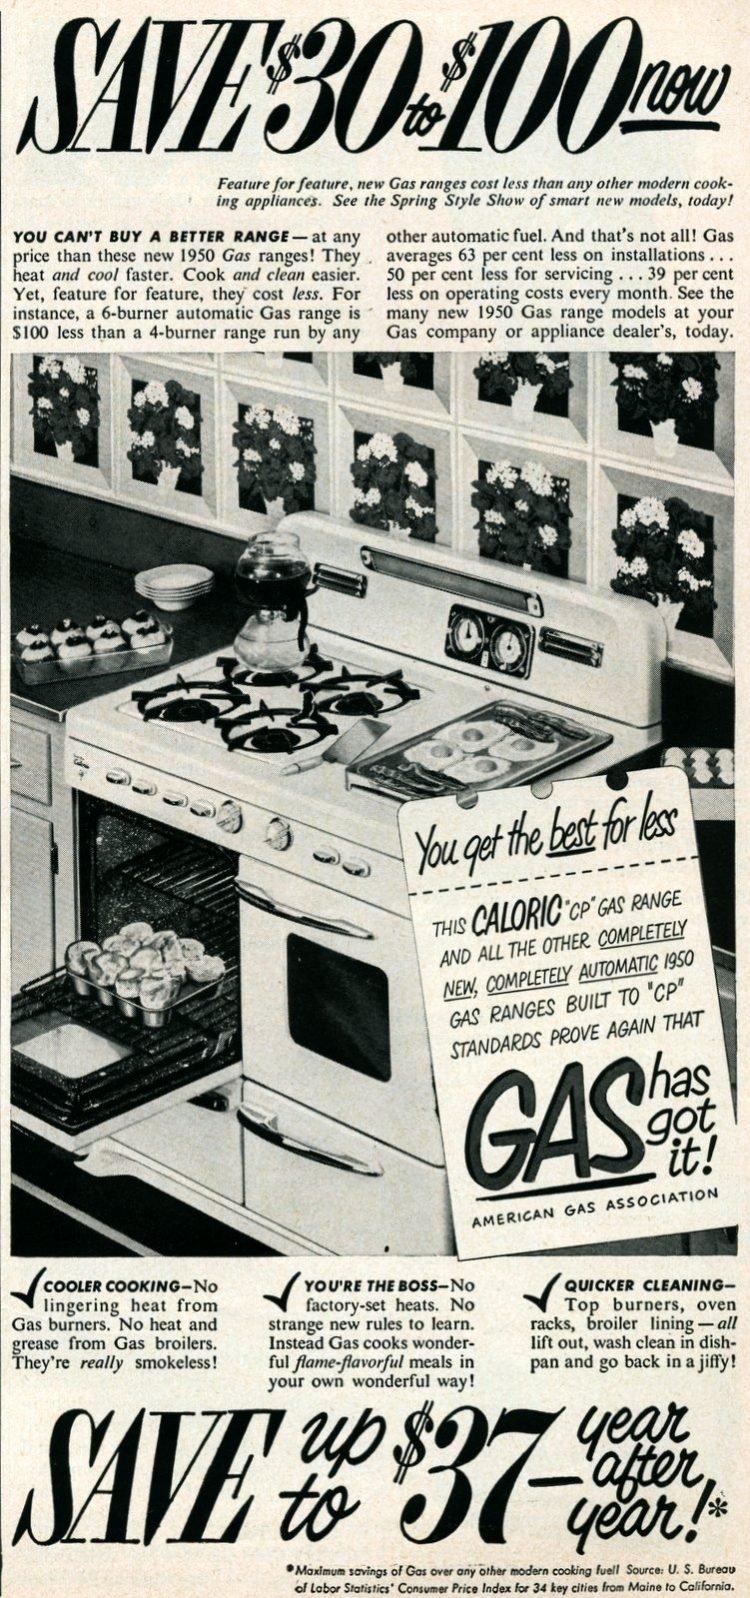 Retro white gas range from 1950s